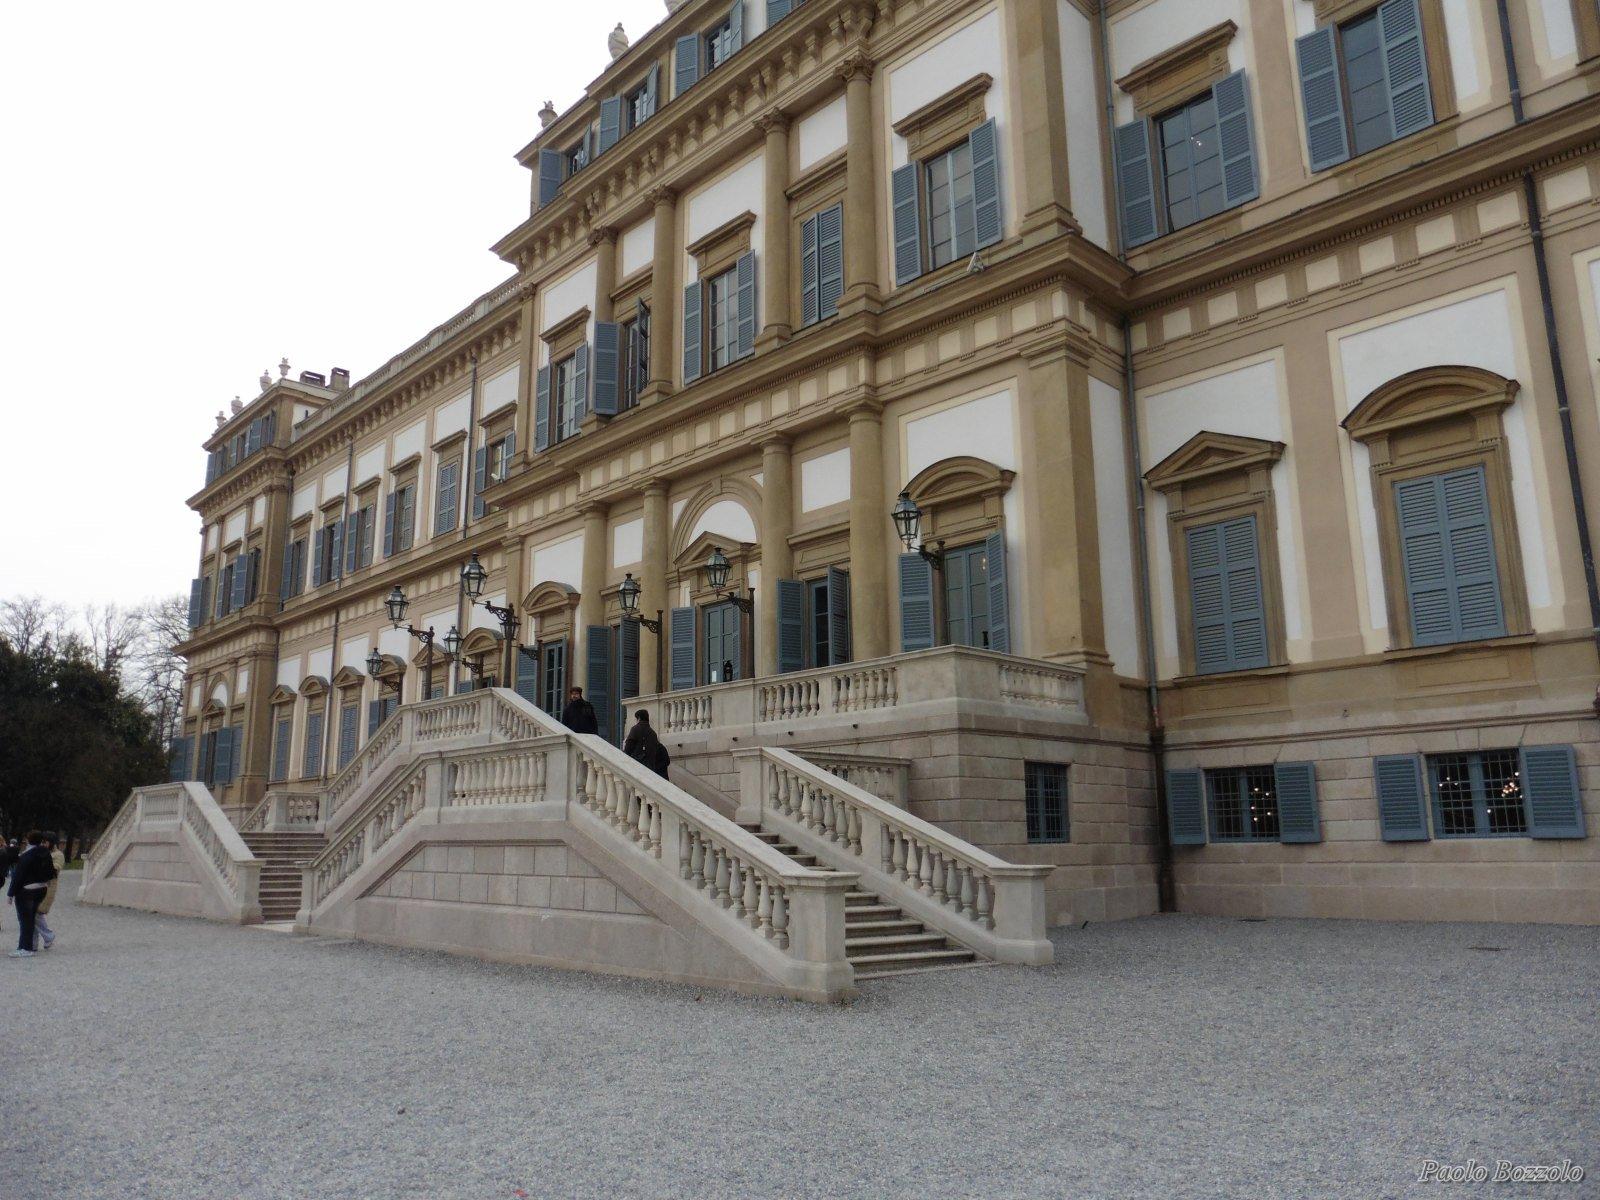 La villa reale di monza enjoy travel and art - Ristrutturo casa ...